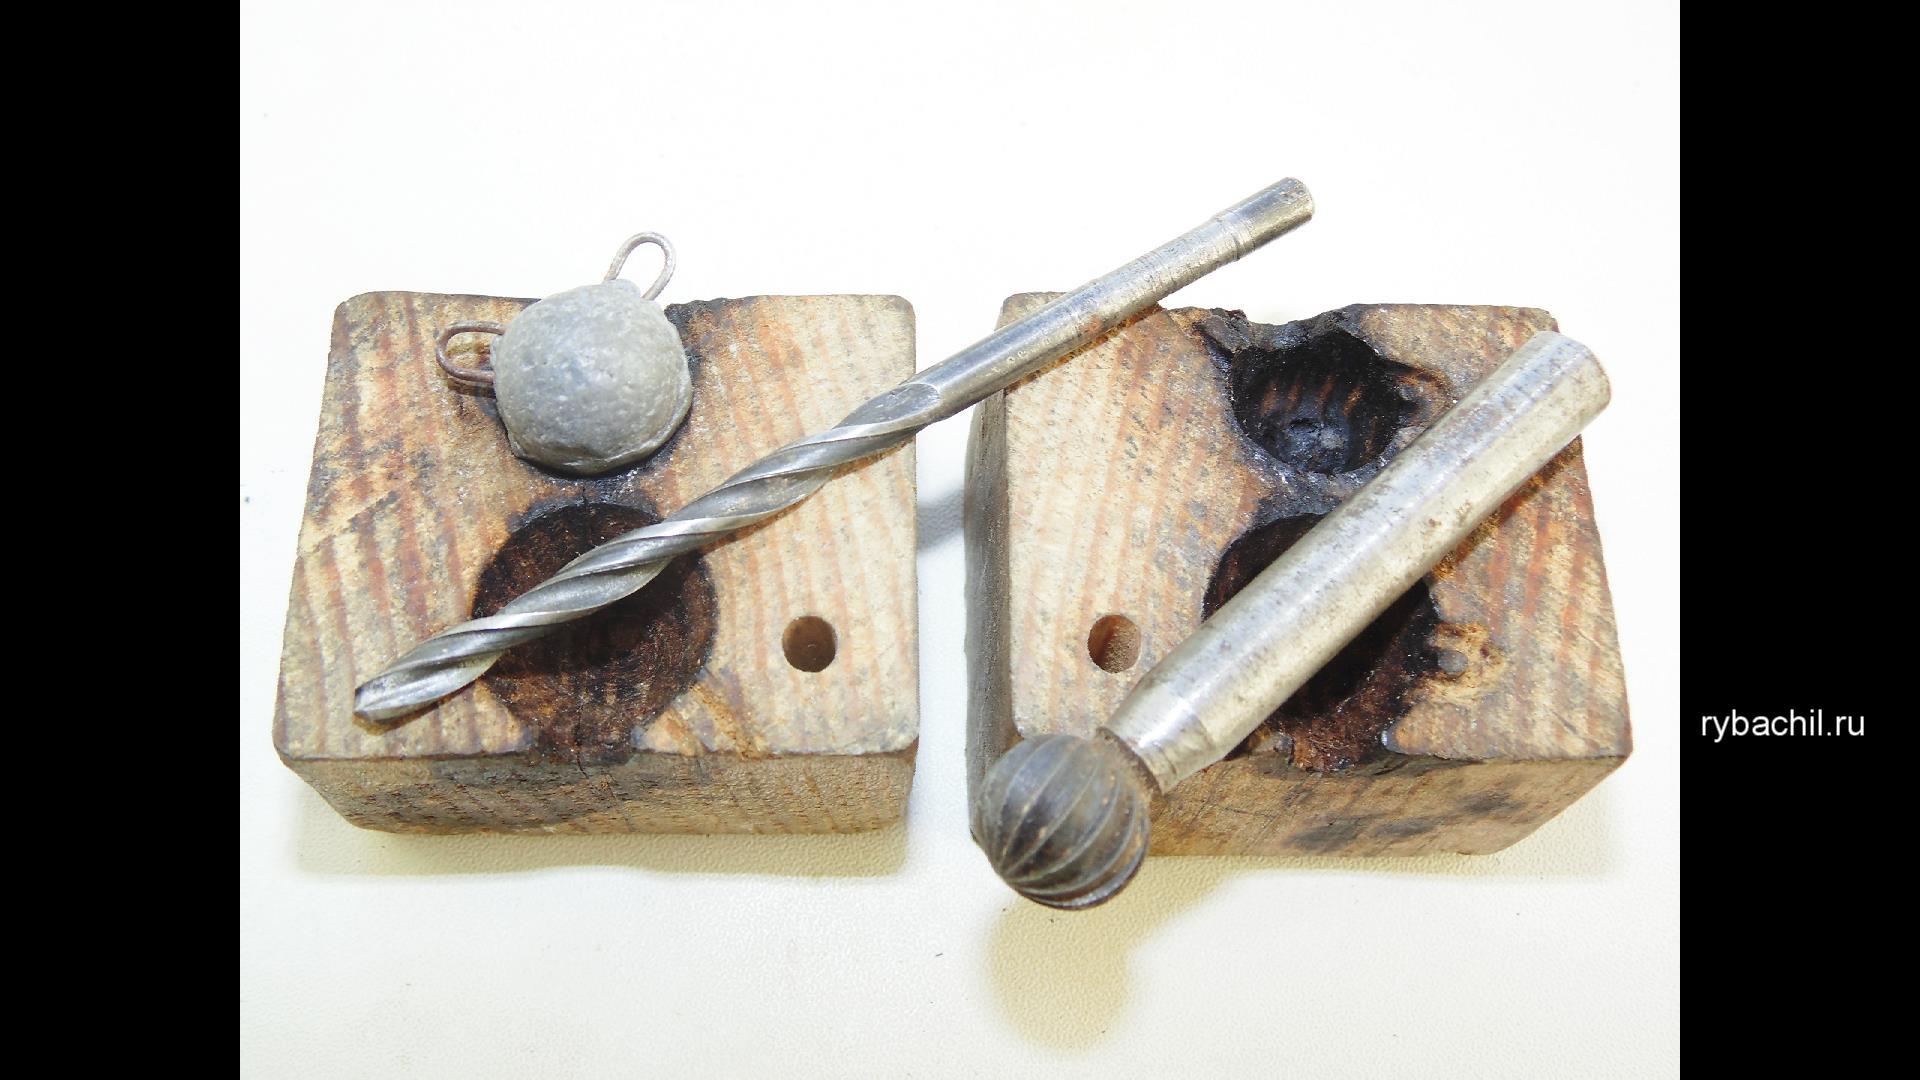 Как сделать форму для грузил из свинца фото 249